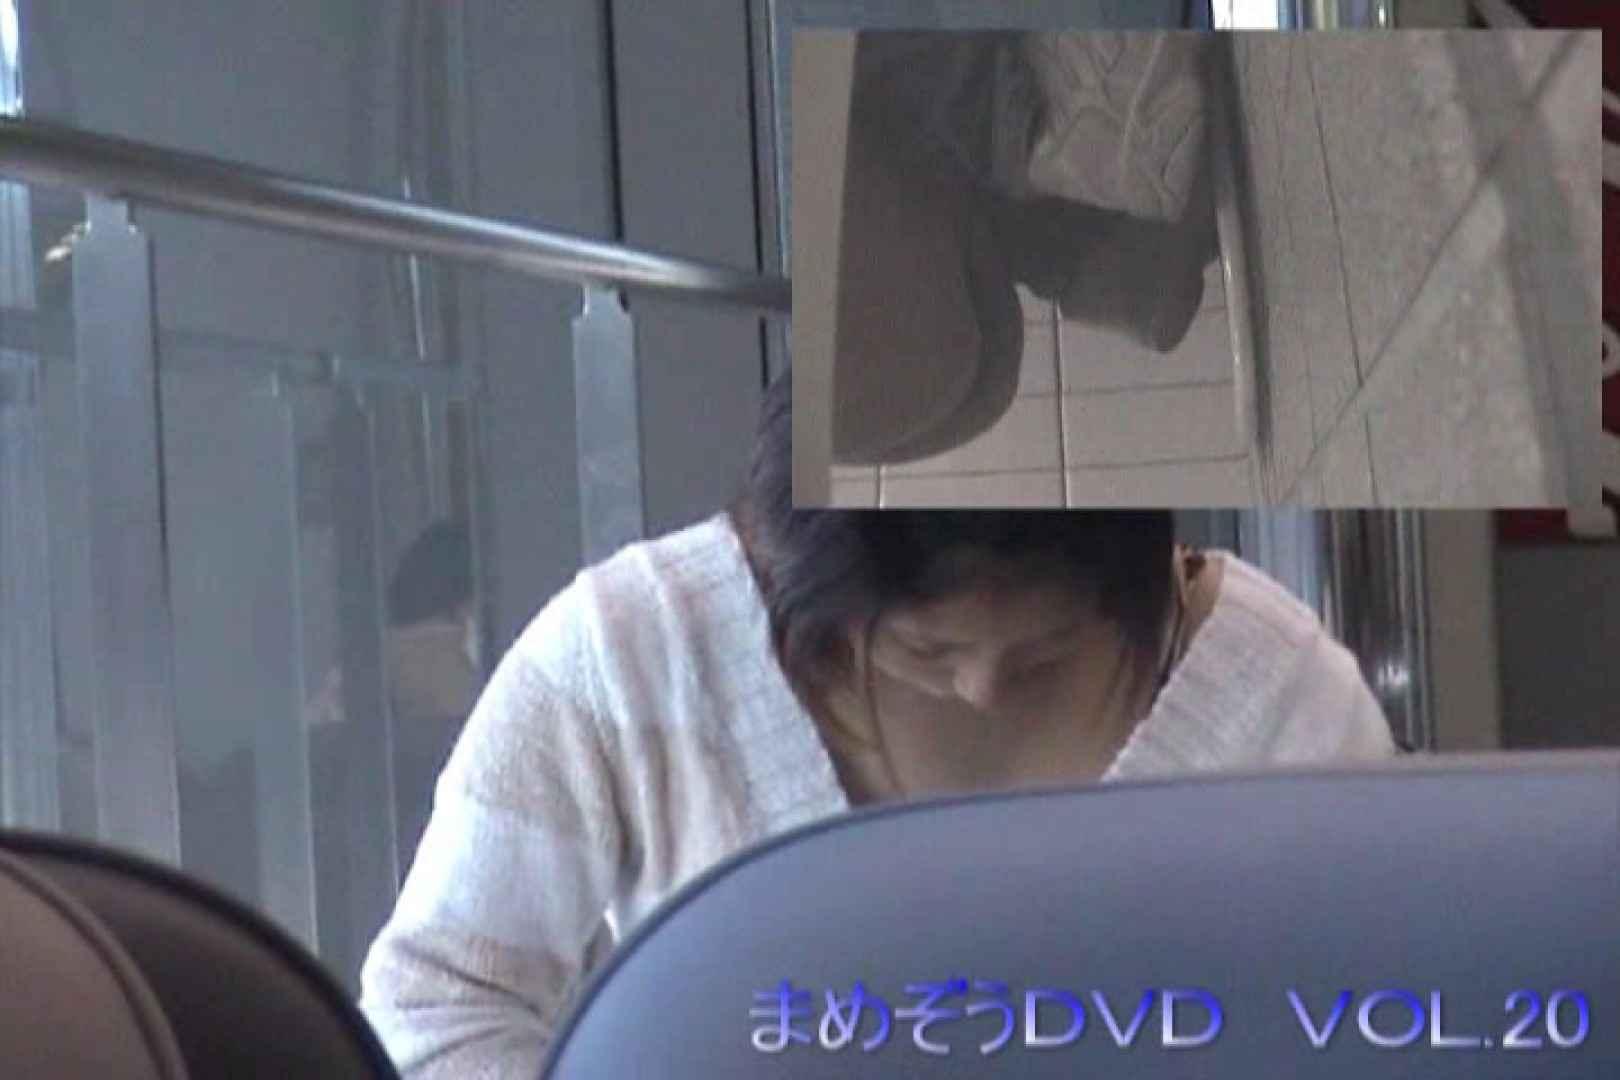 まめぞうDVD完全版VOL.20 ギャル  105pic 7